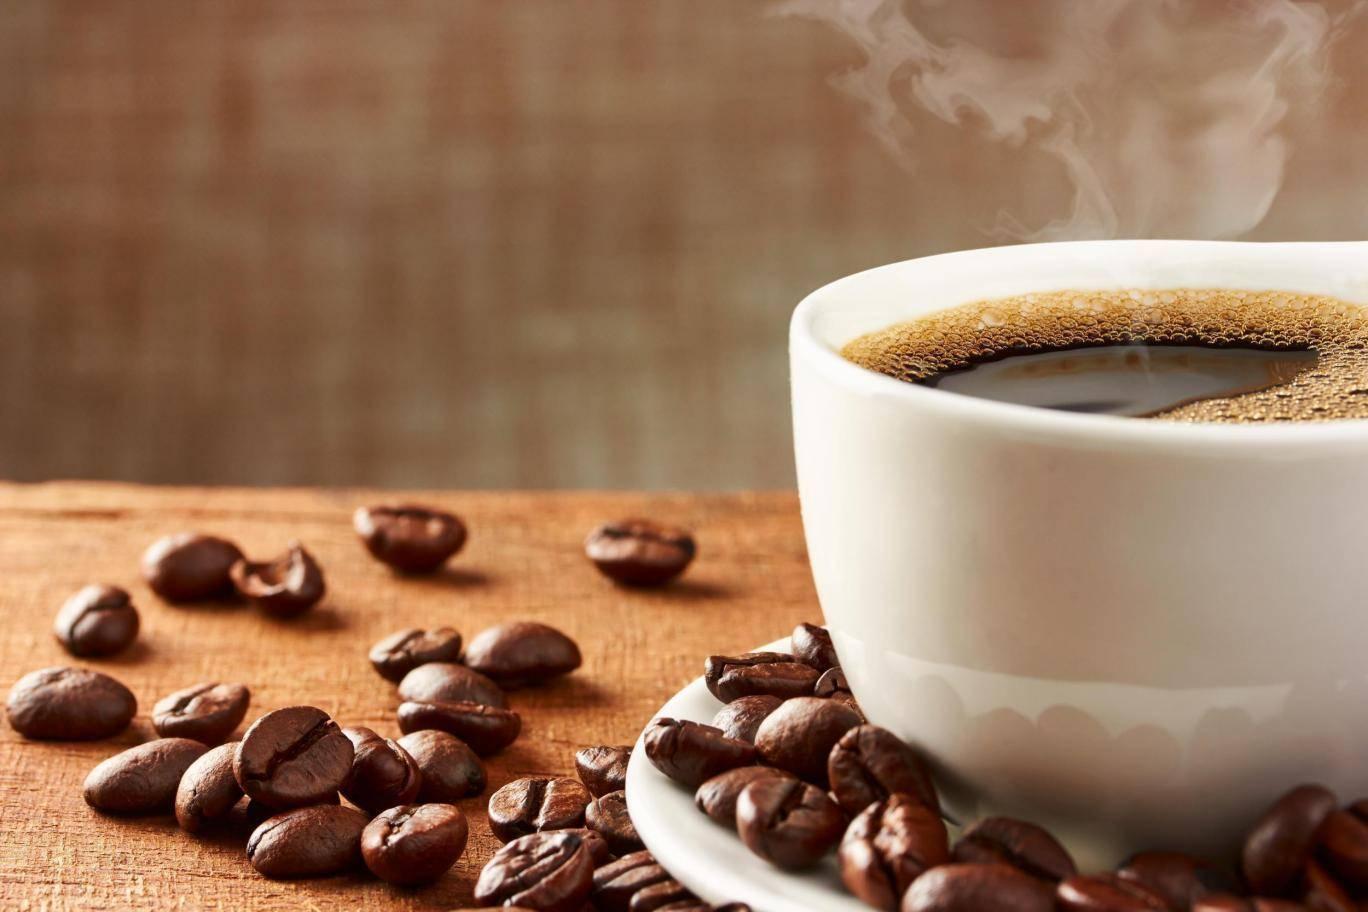 Люди, которые пьют много кофе, живут дольше